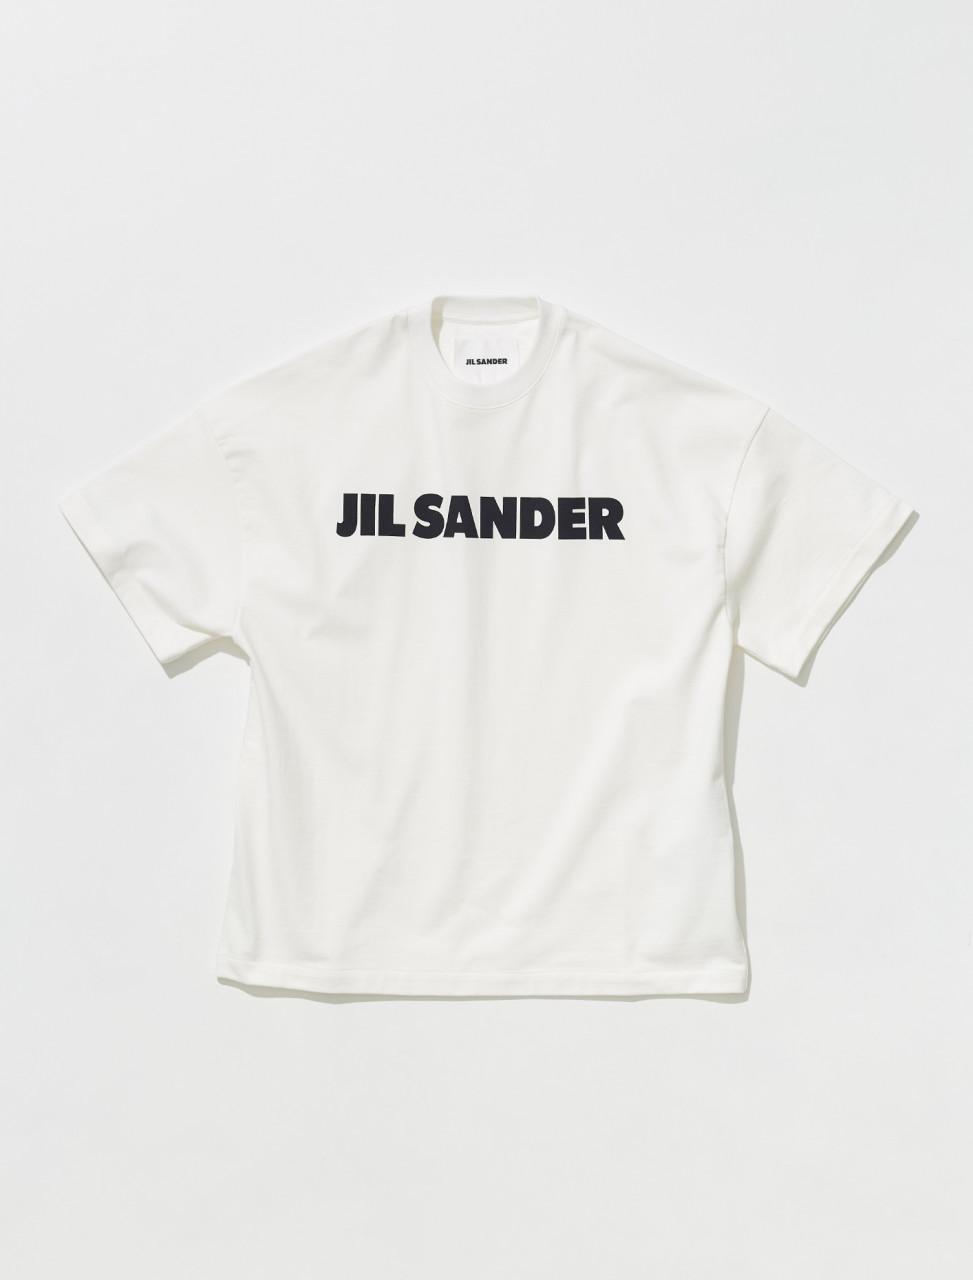 JSMT707045_MT248508_102 JIL SANDER SHORT SLEEVED LOGO T SHIRT IN NATURAL